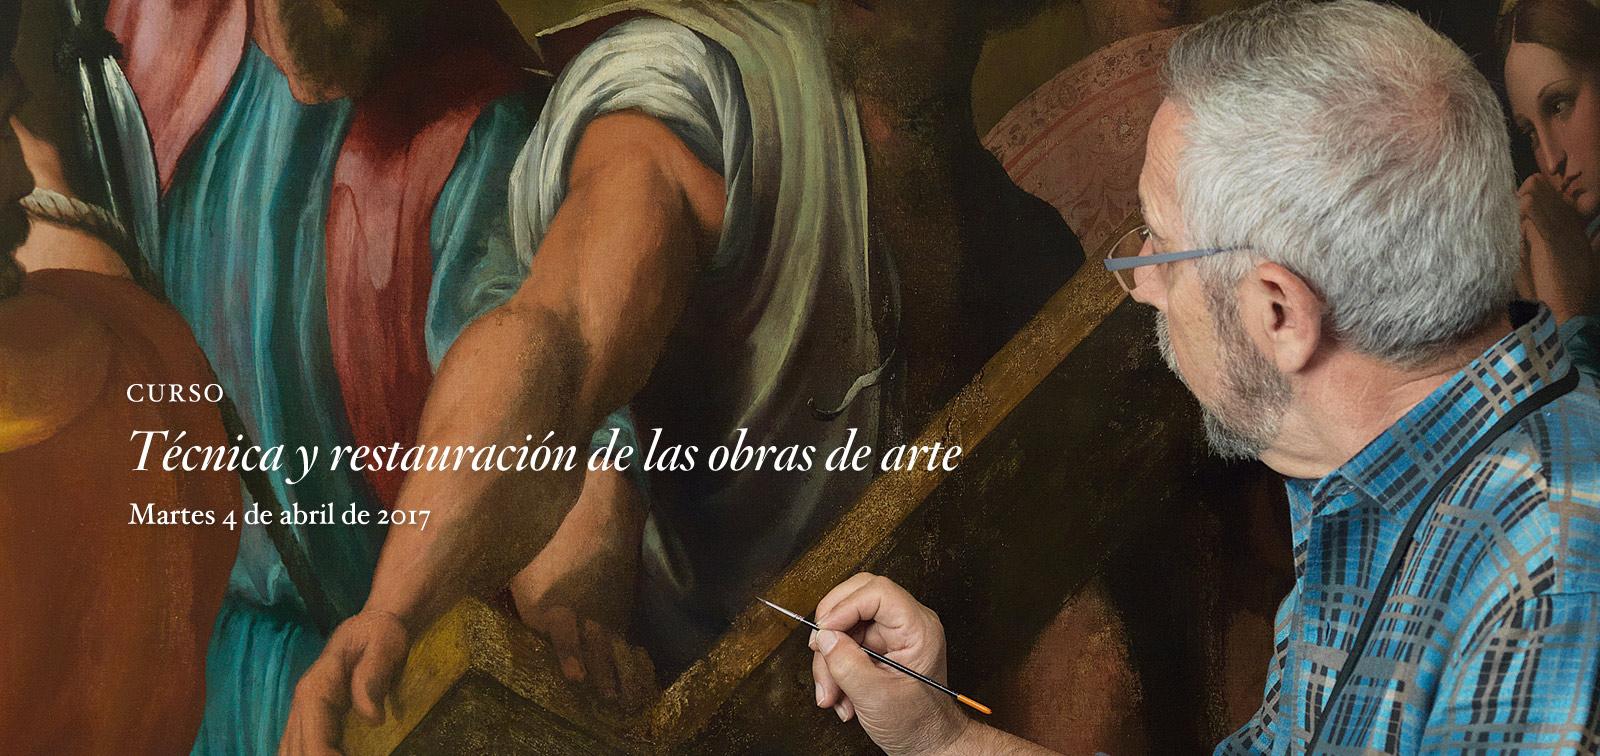 Curso. Técnica y restauración de las obras de arte